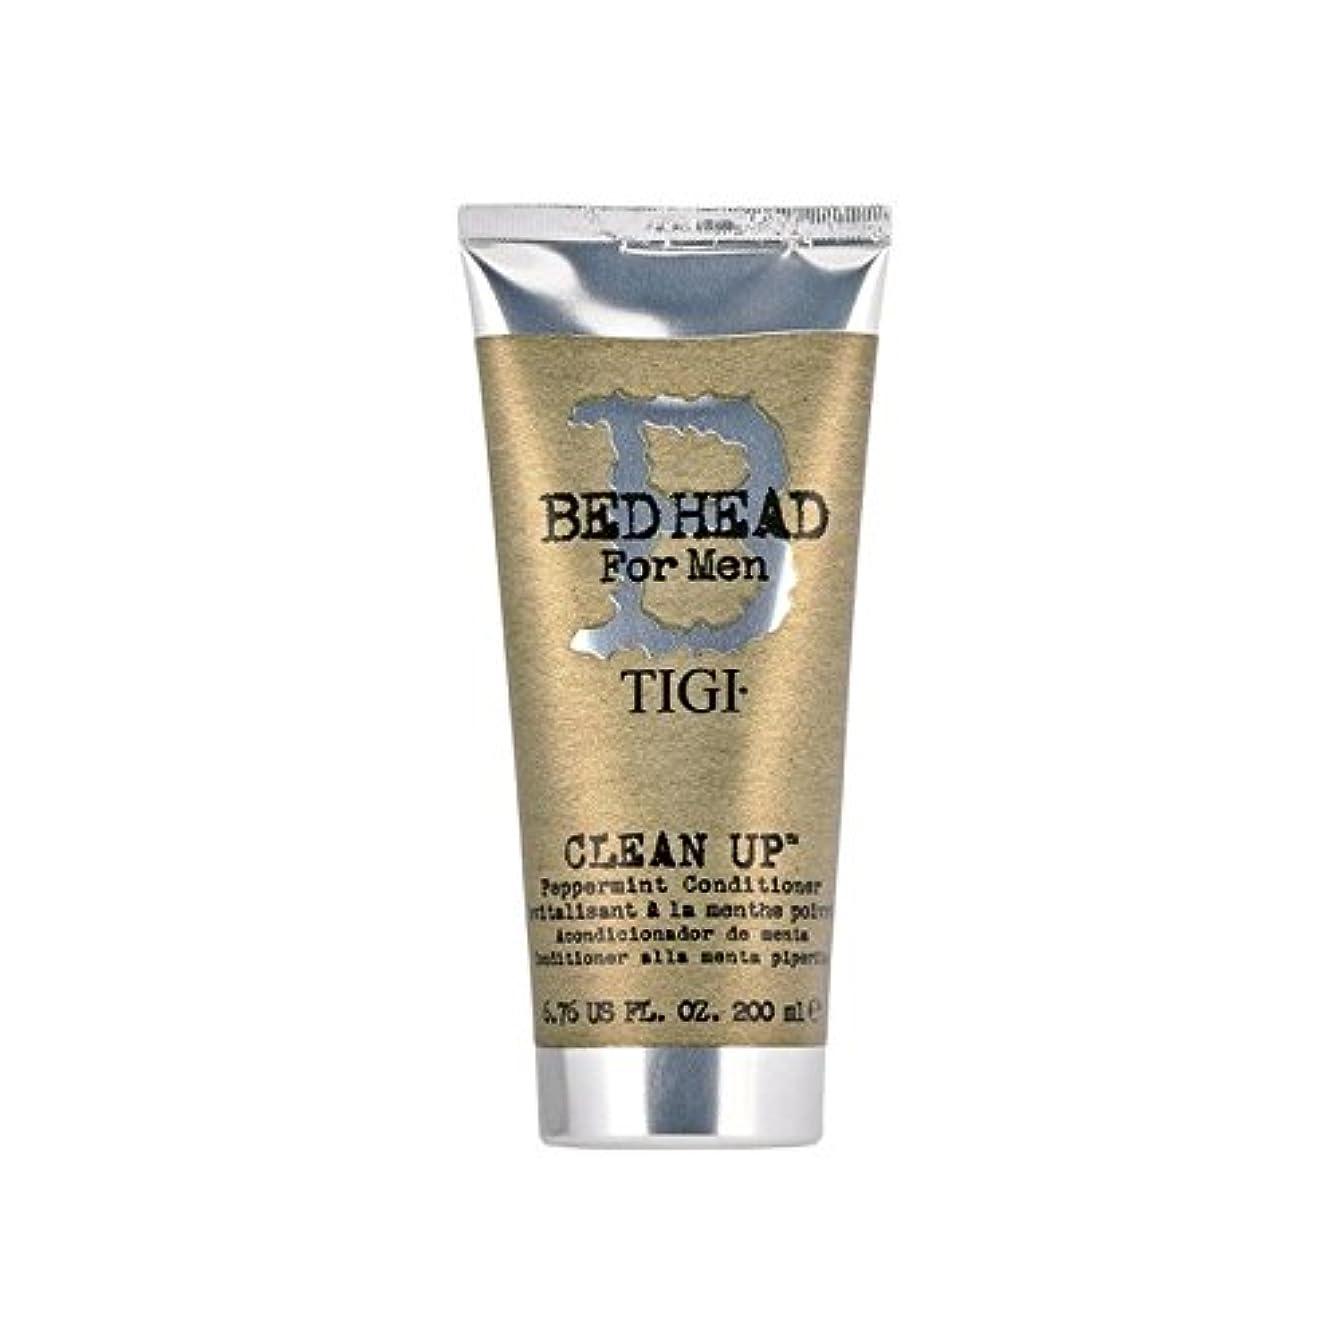 くすぐったい焦げ描写Tigi Bed Head For Men Clean Up Peppermint Conditioner (200ml) (Pack of 6) - ペパーミントコンディショナーをクリーンアップする男性のためのティジーベッドヘッド...